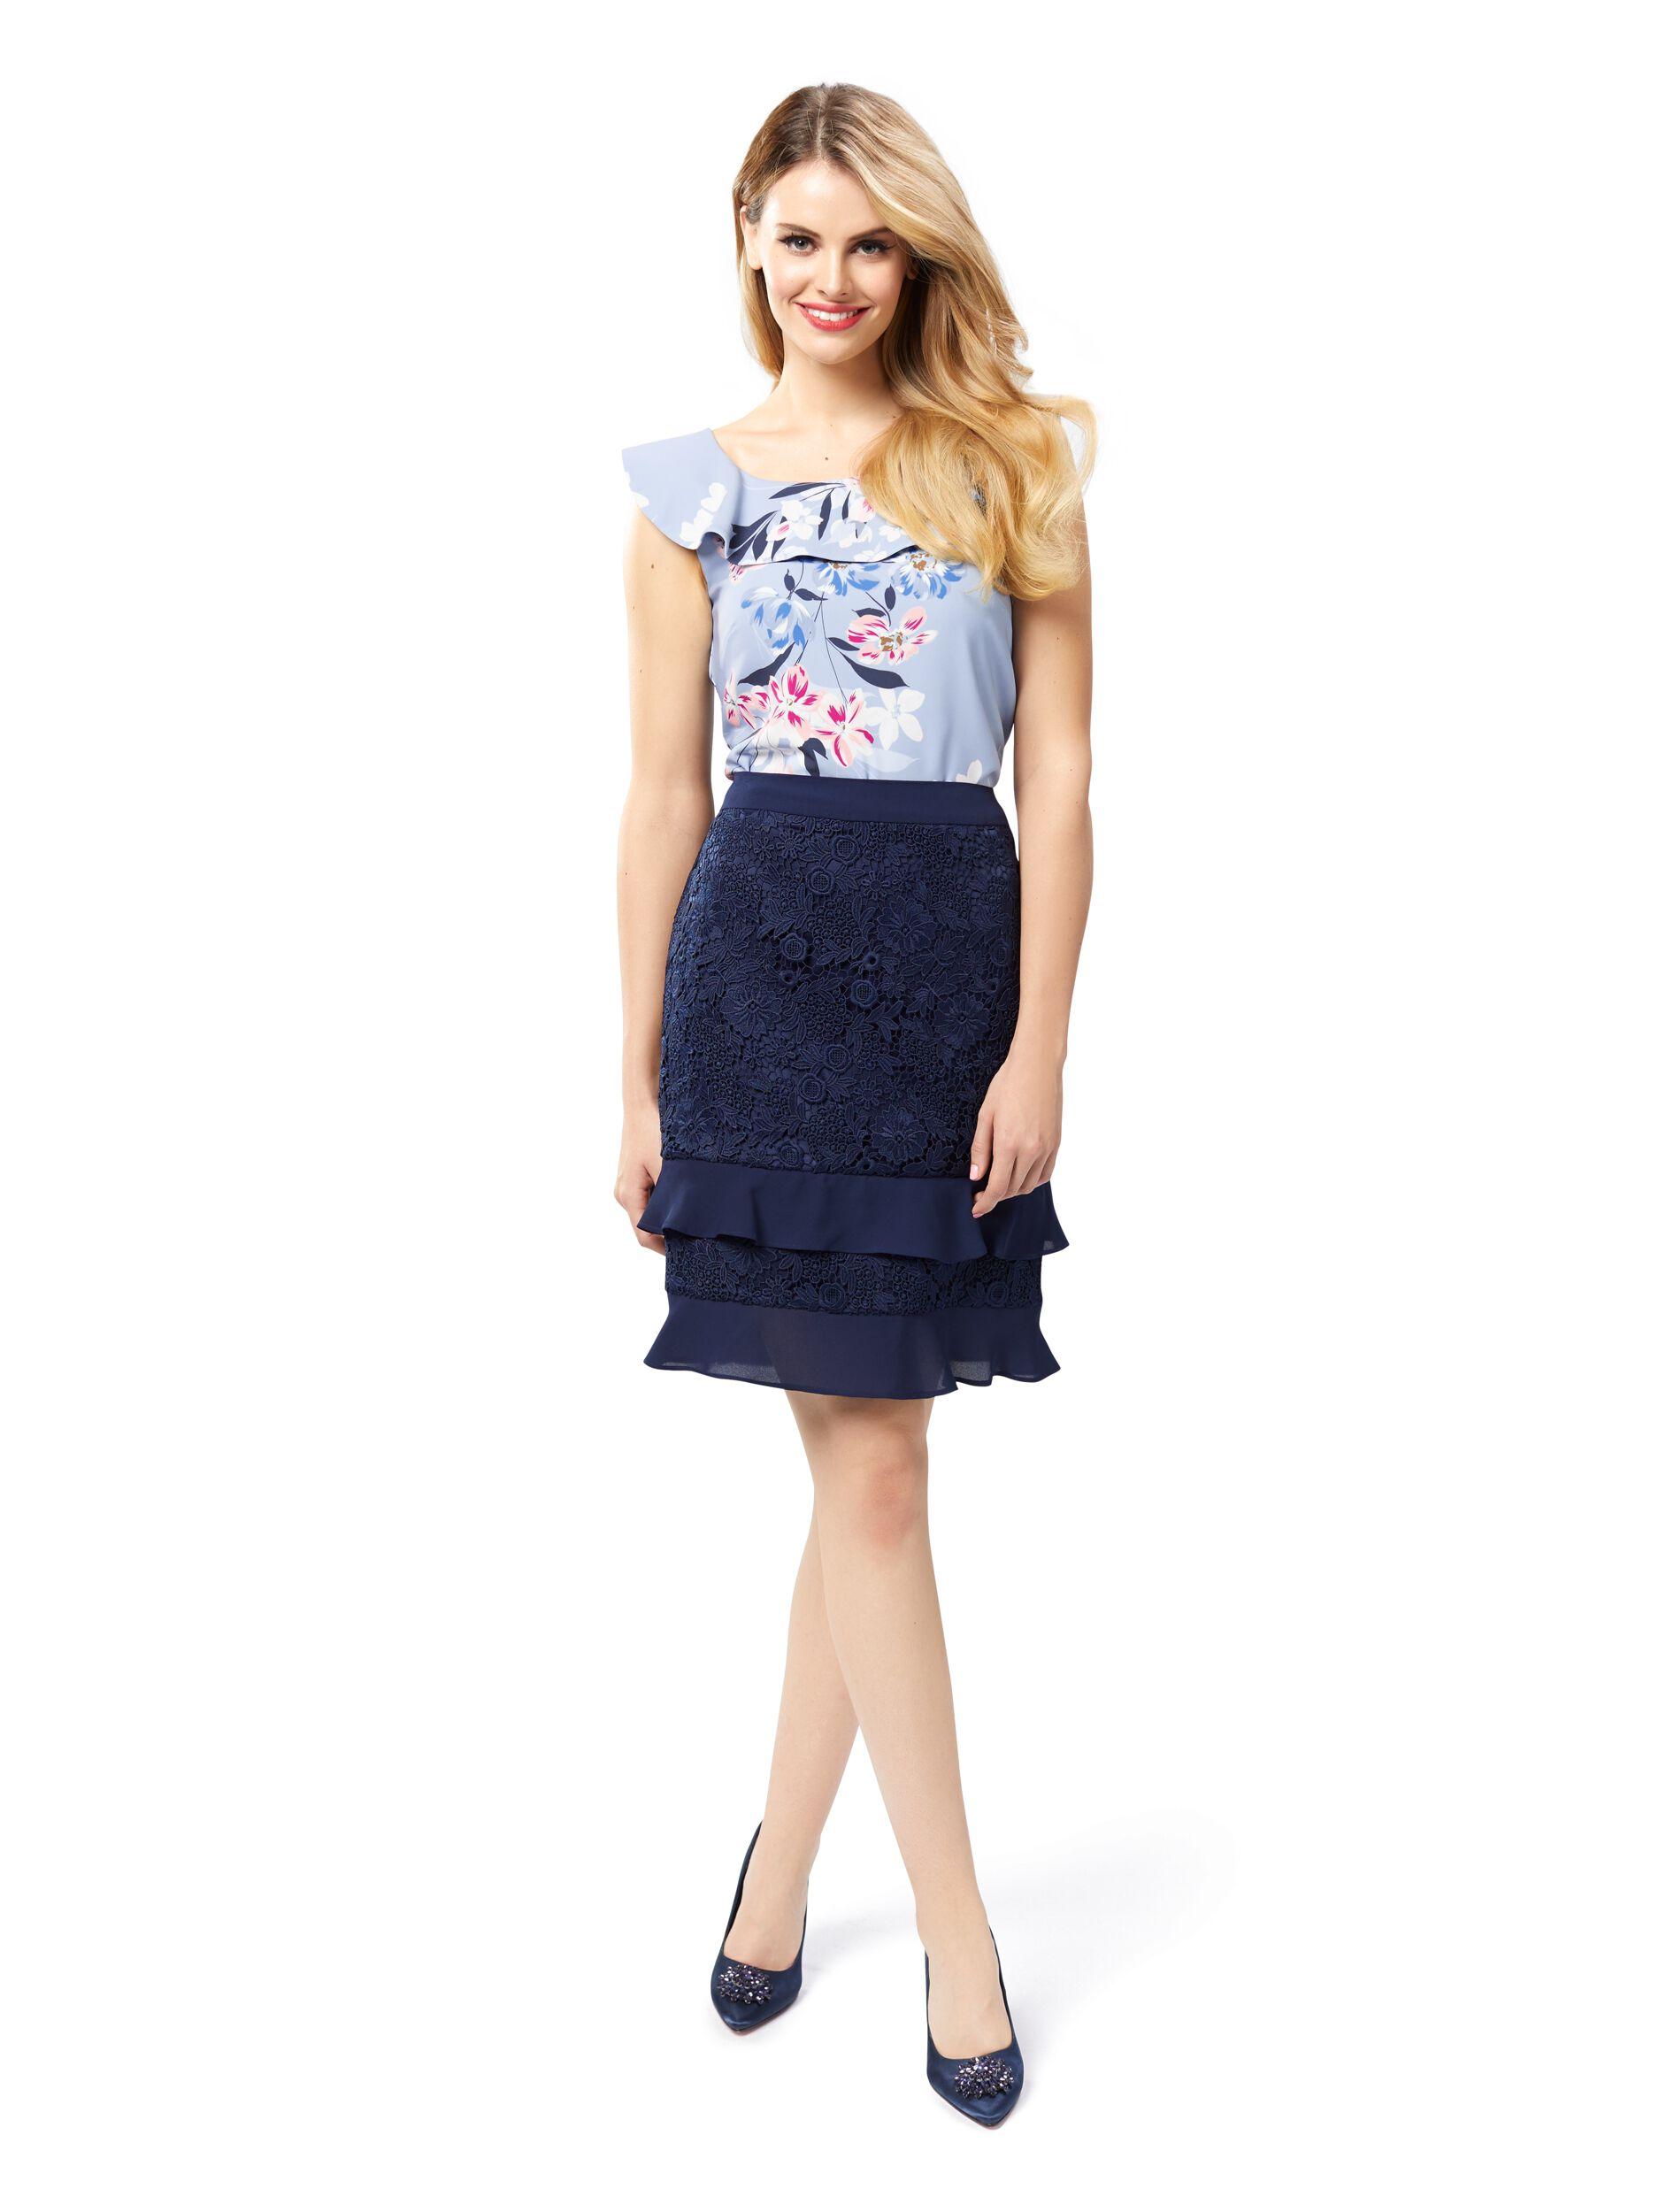 Hannali Skirt